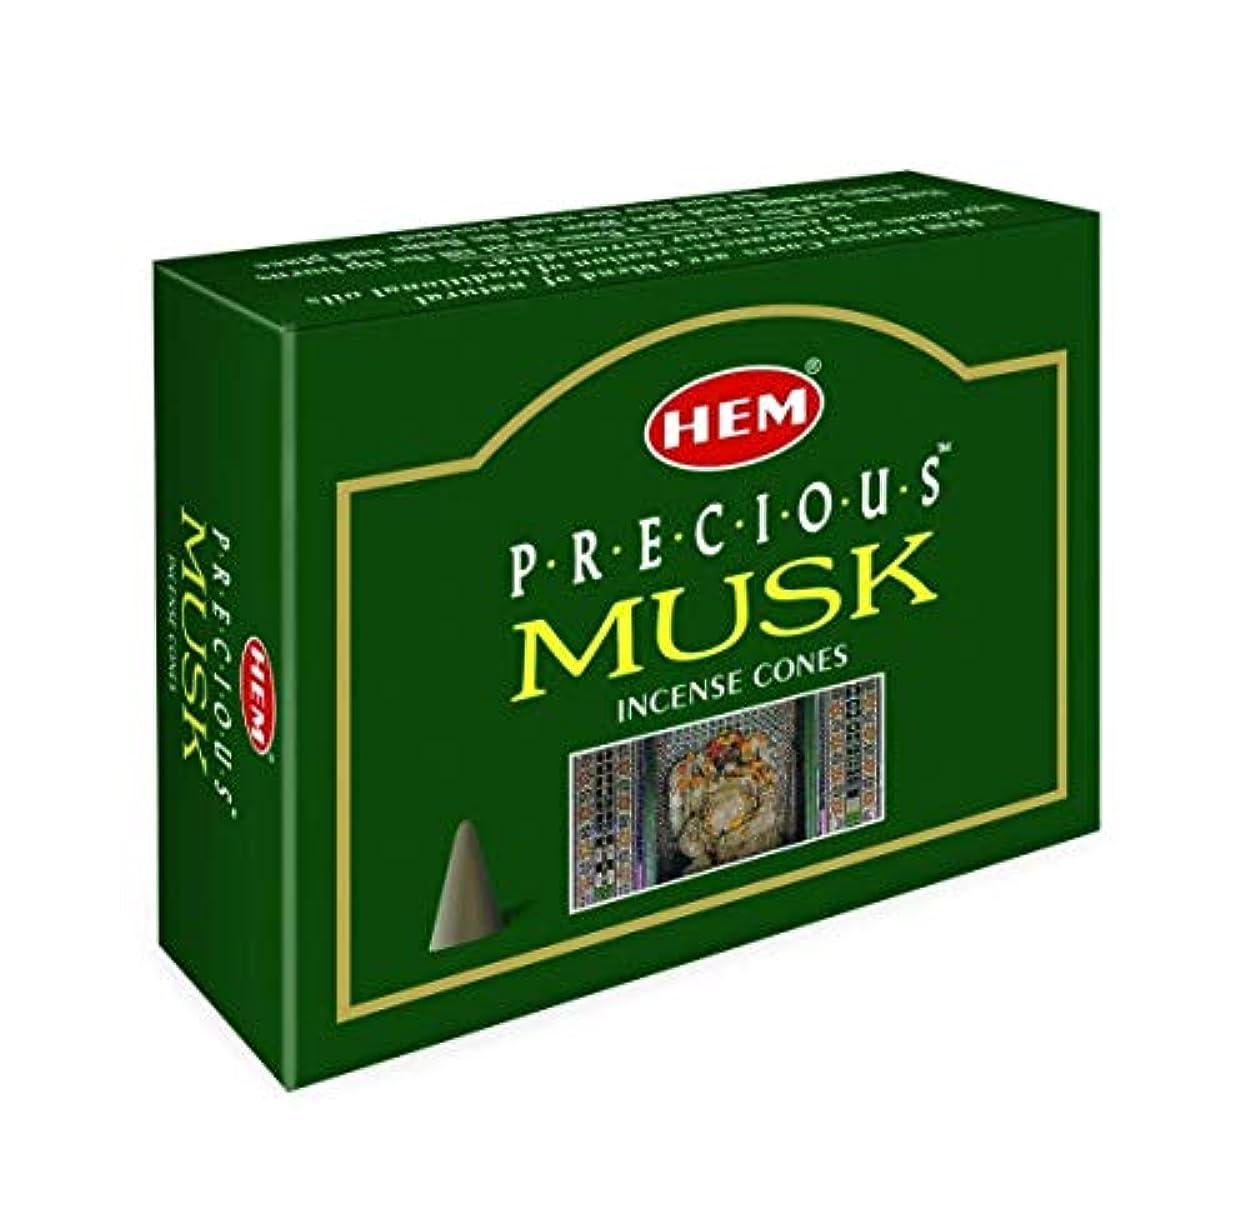 ゆり自治パターンHEM(ヘム) プレシャスムスク香 コーンタイプ PRECIOUS MUSK CORN 12箱セット